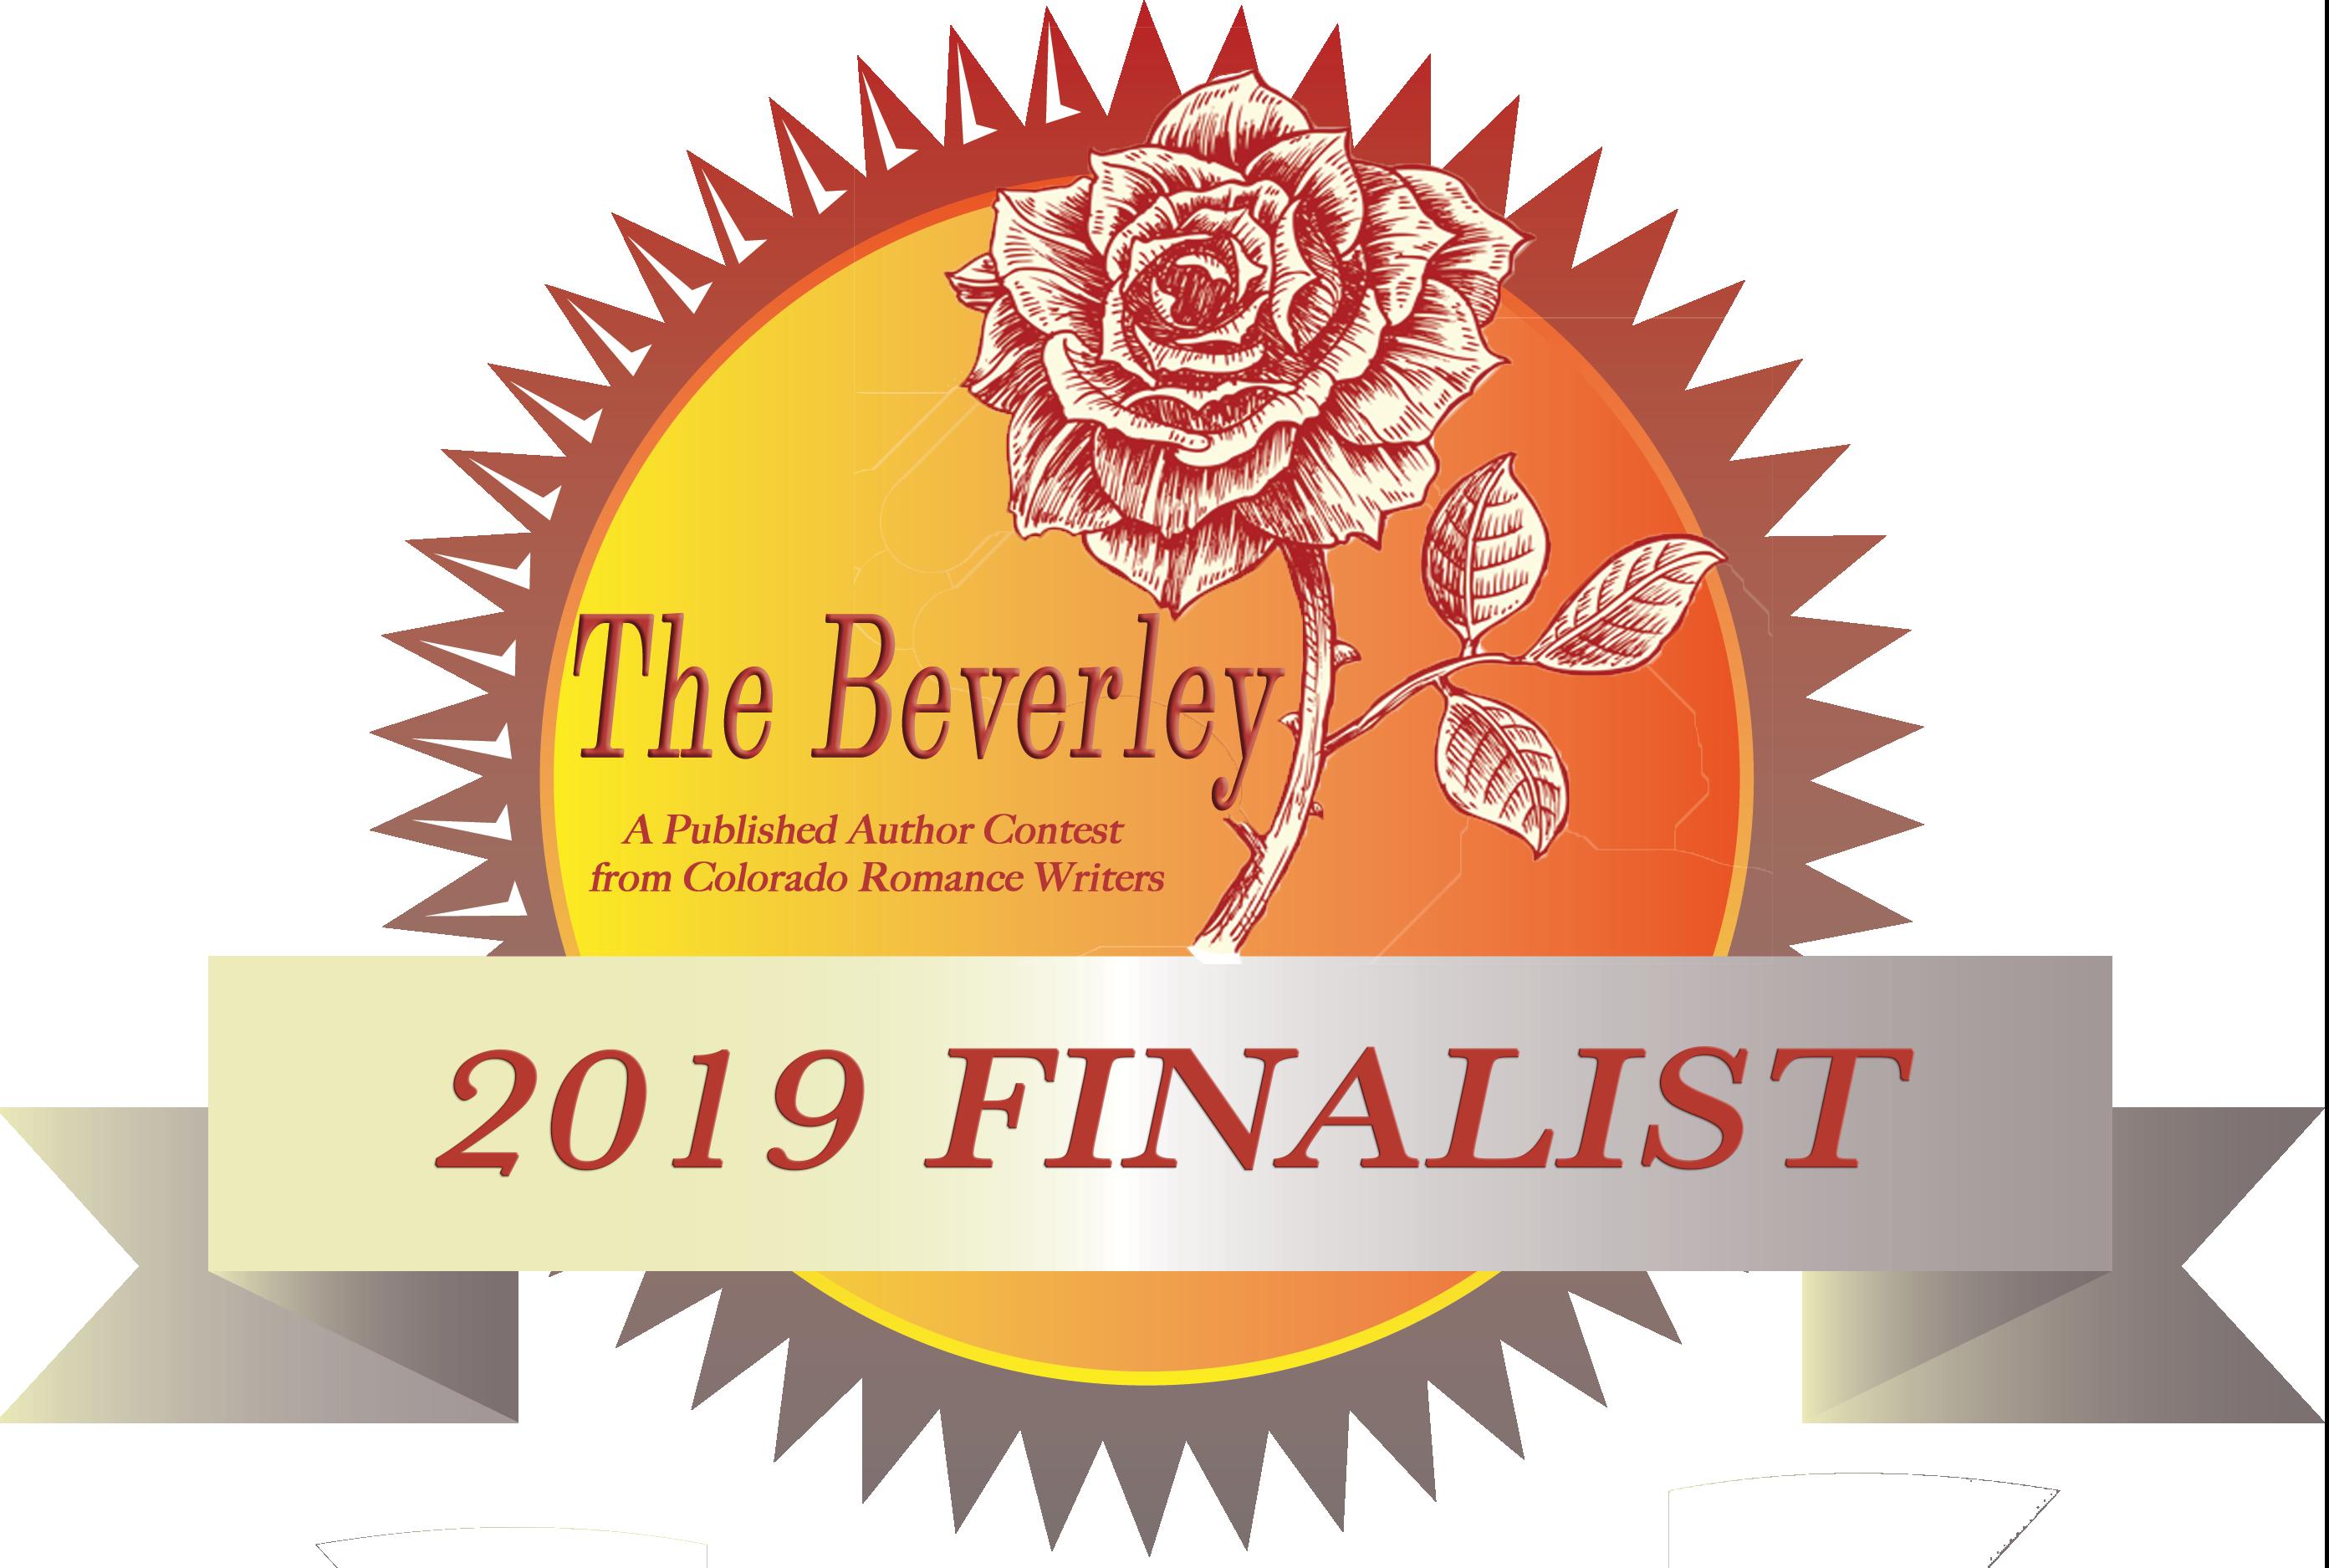 beverley-badge-2019-finalist.png